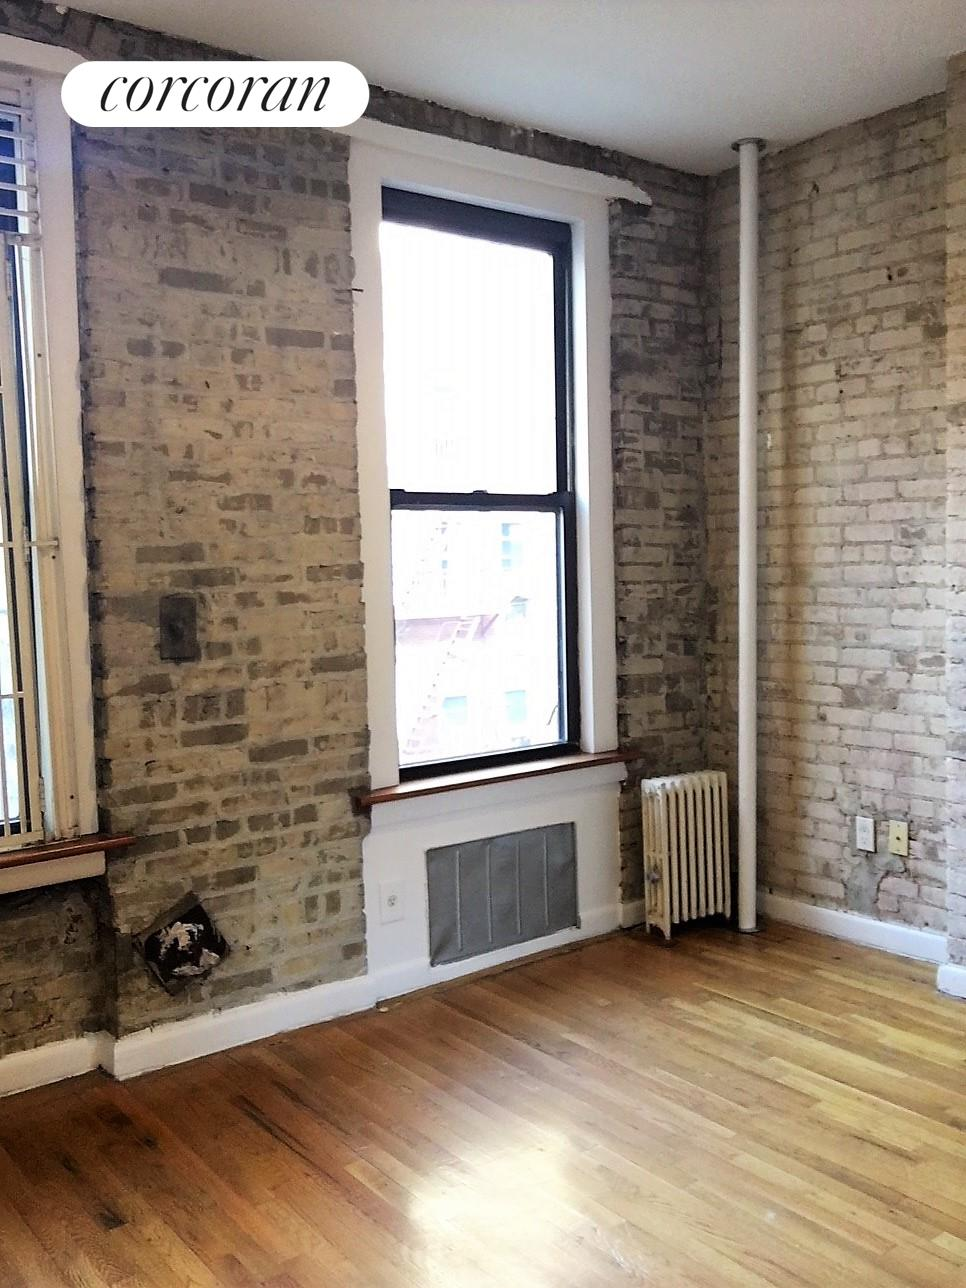 516 East 81st Street Upper East Side New York NY 10028